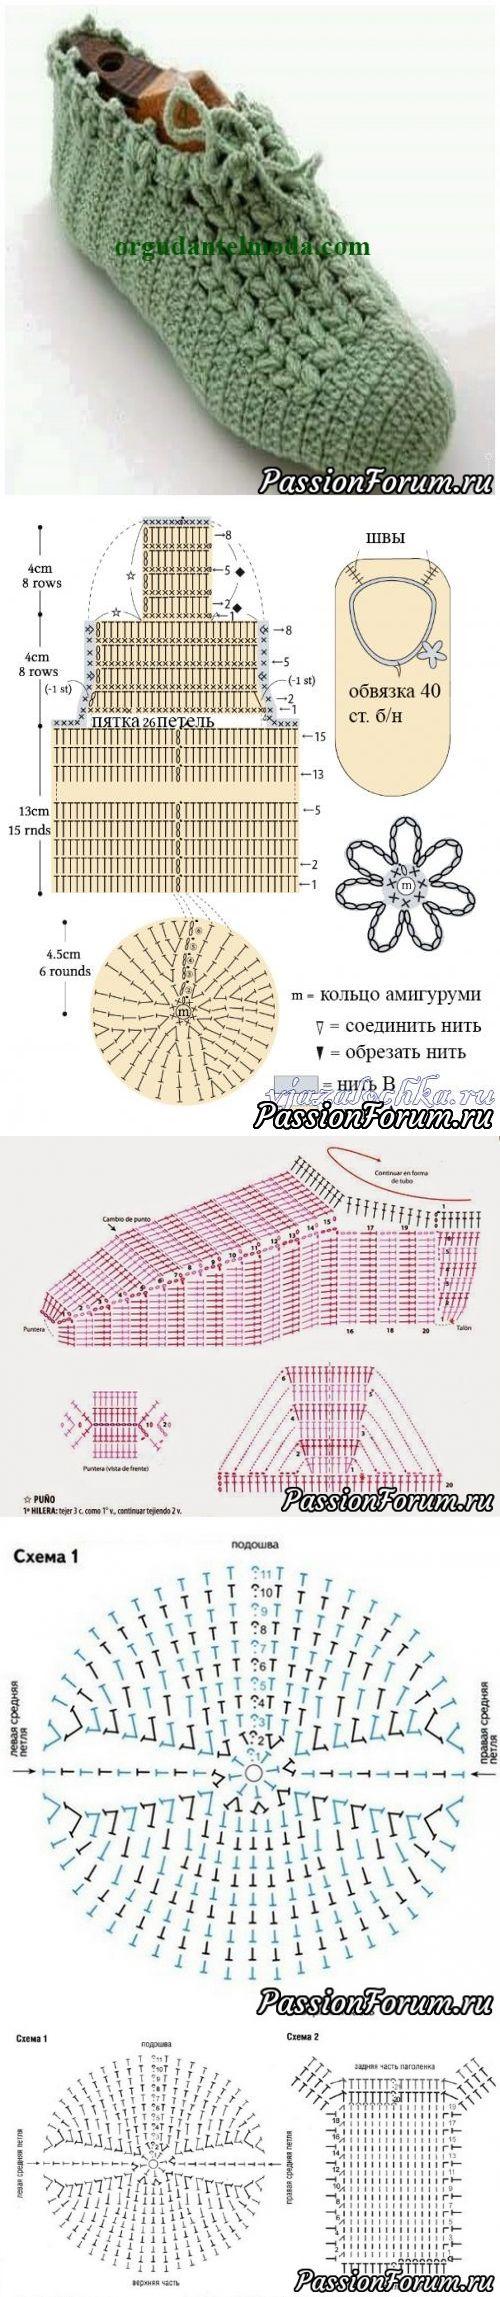 Следочки или носочки? Идеи и схемы собрала в интернете